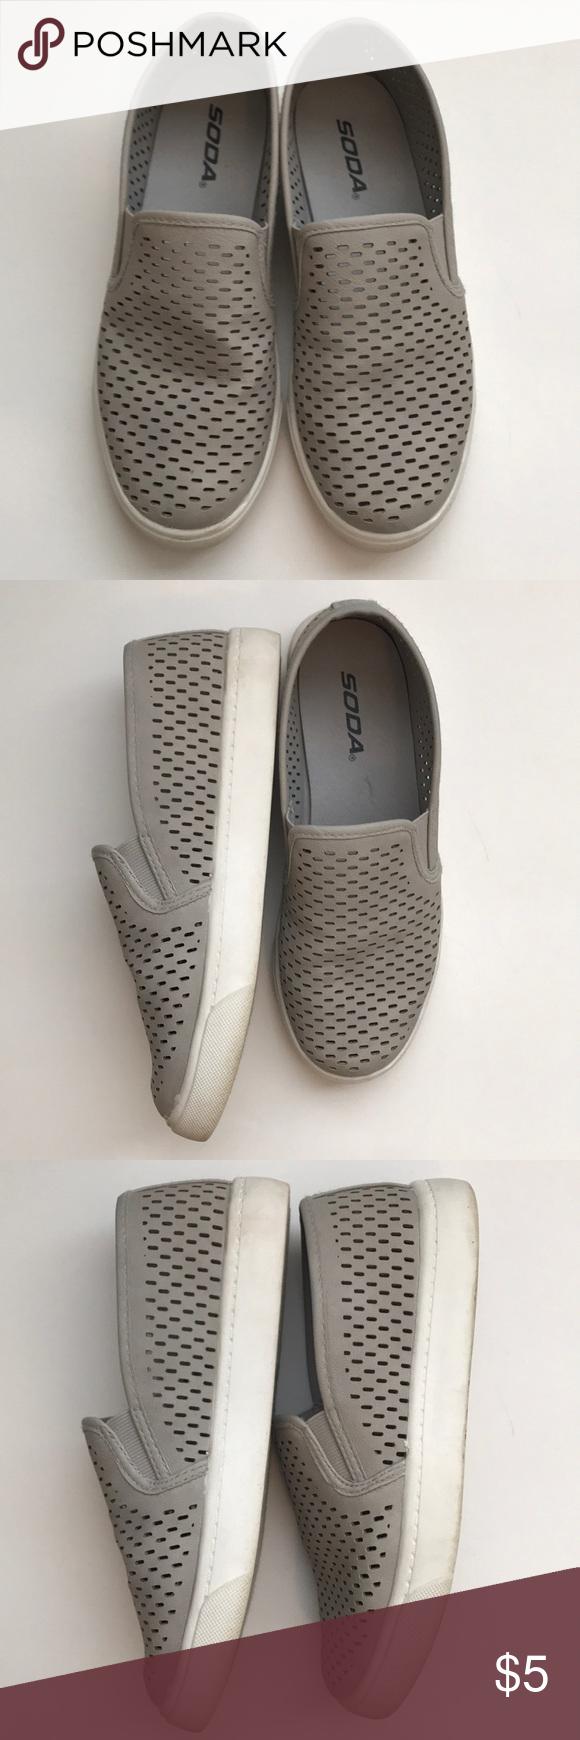 Slip ons   Womens shoes sneakers, Slip